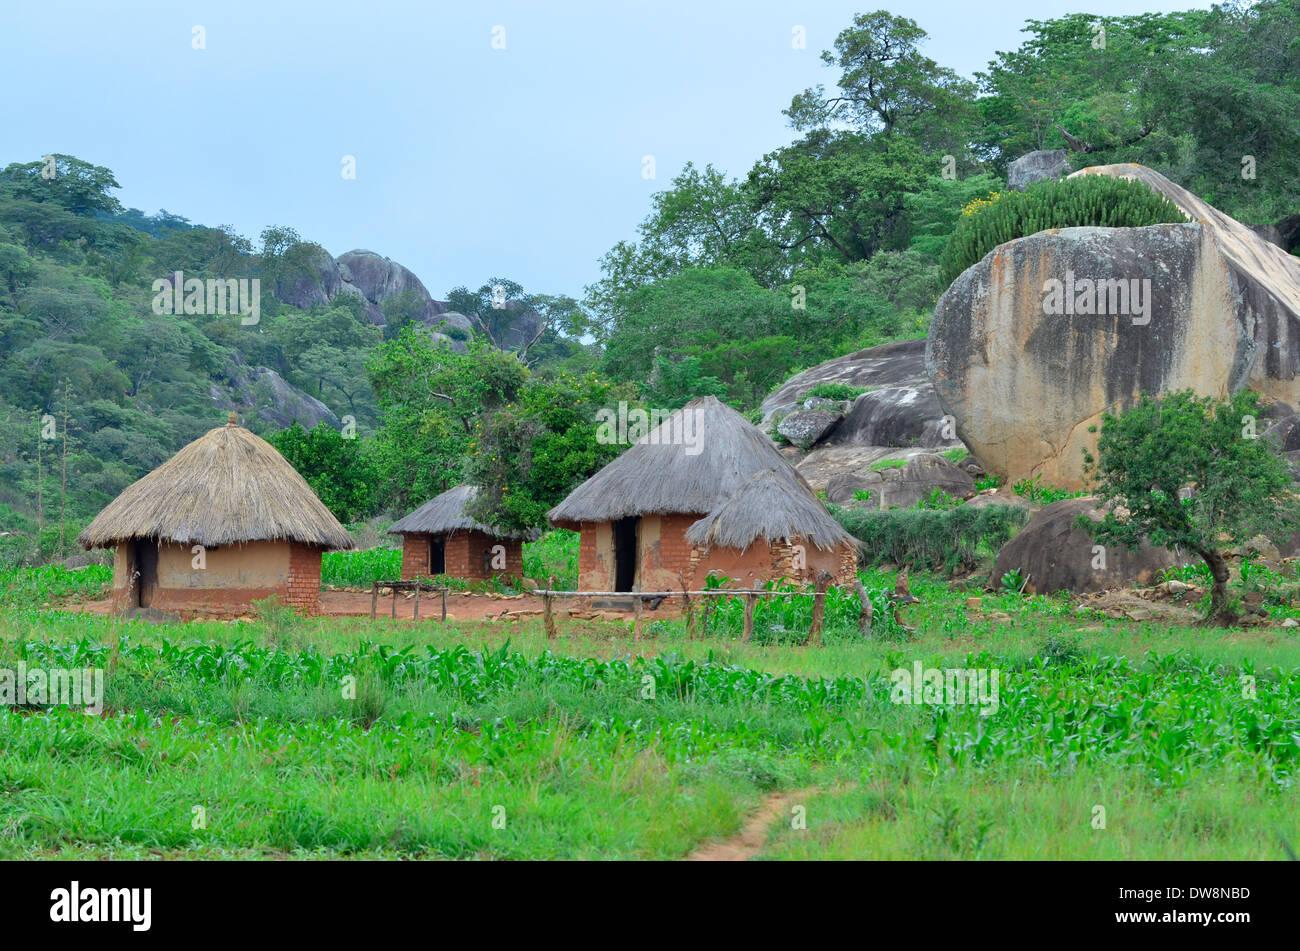 Altipiani orientali dello Zimbabwe in estate con luminosi colori verde e montuoso habitat. I campi di mais e le tradizionali capanne. Immagini Stock